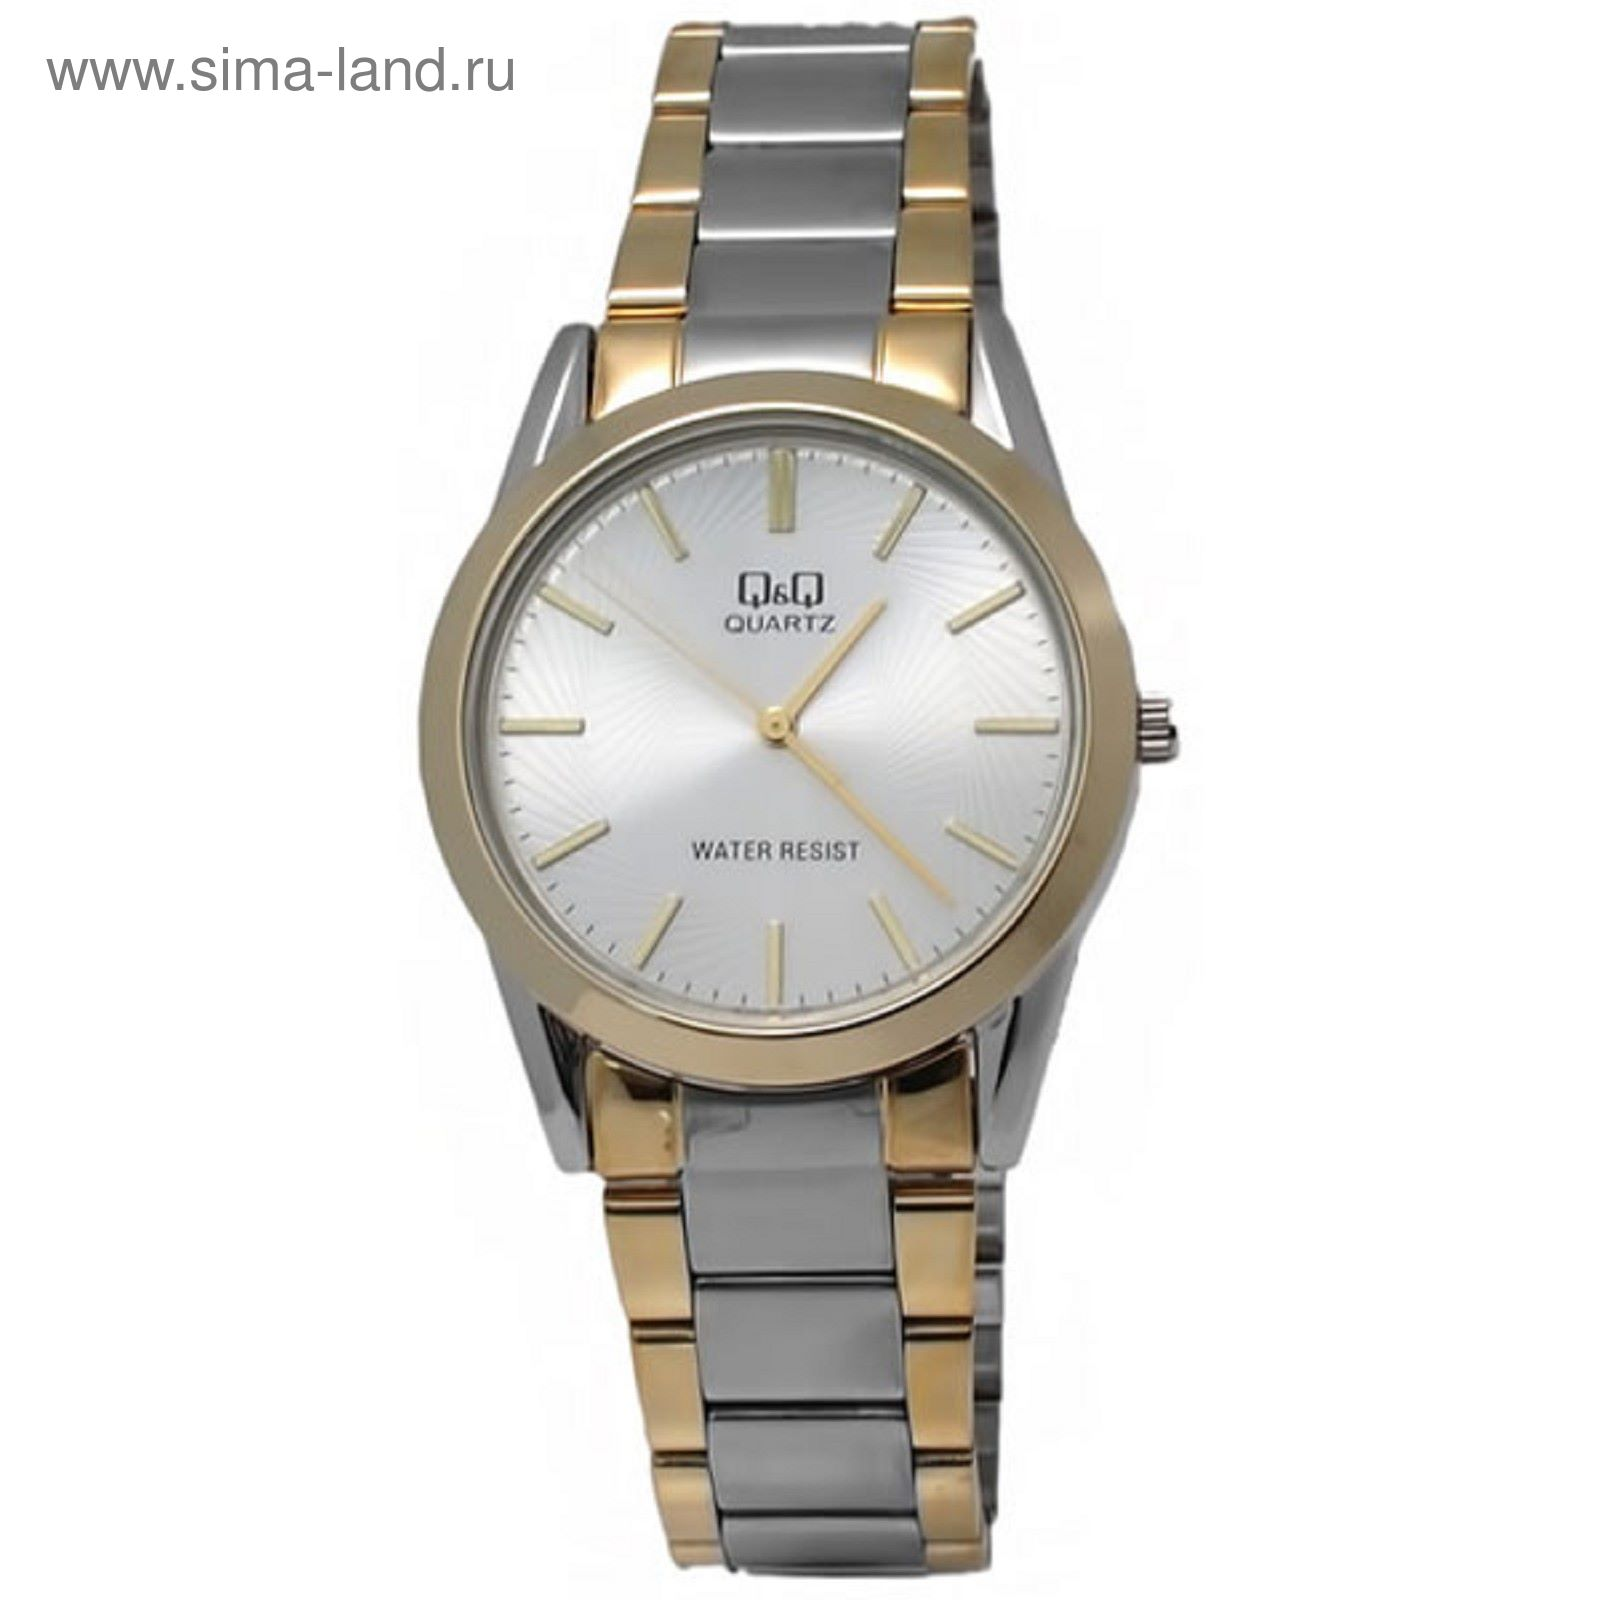 667c3f28 Часы наручные мужские Q&Q Q700-401 (1589412) - Купить по цене от ...